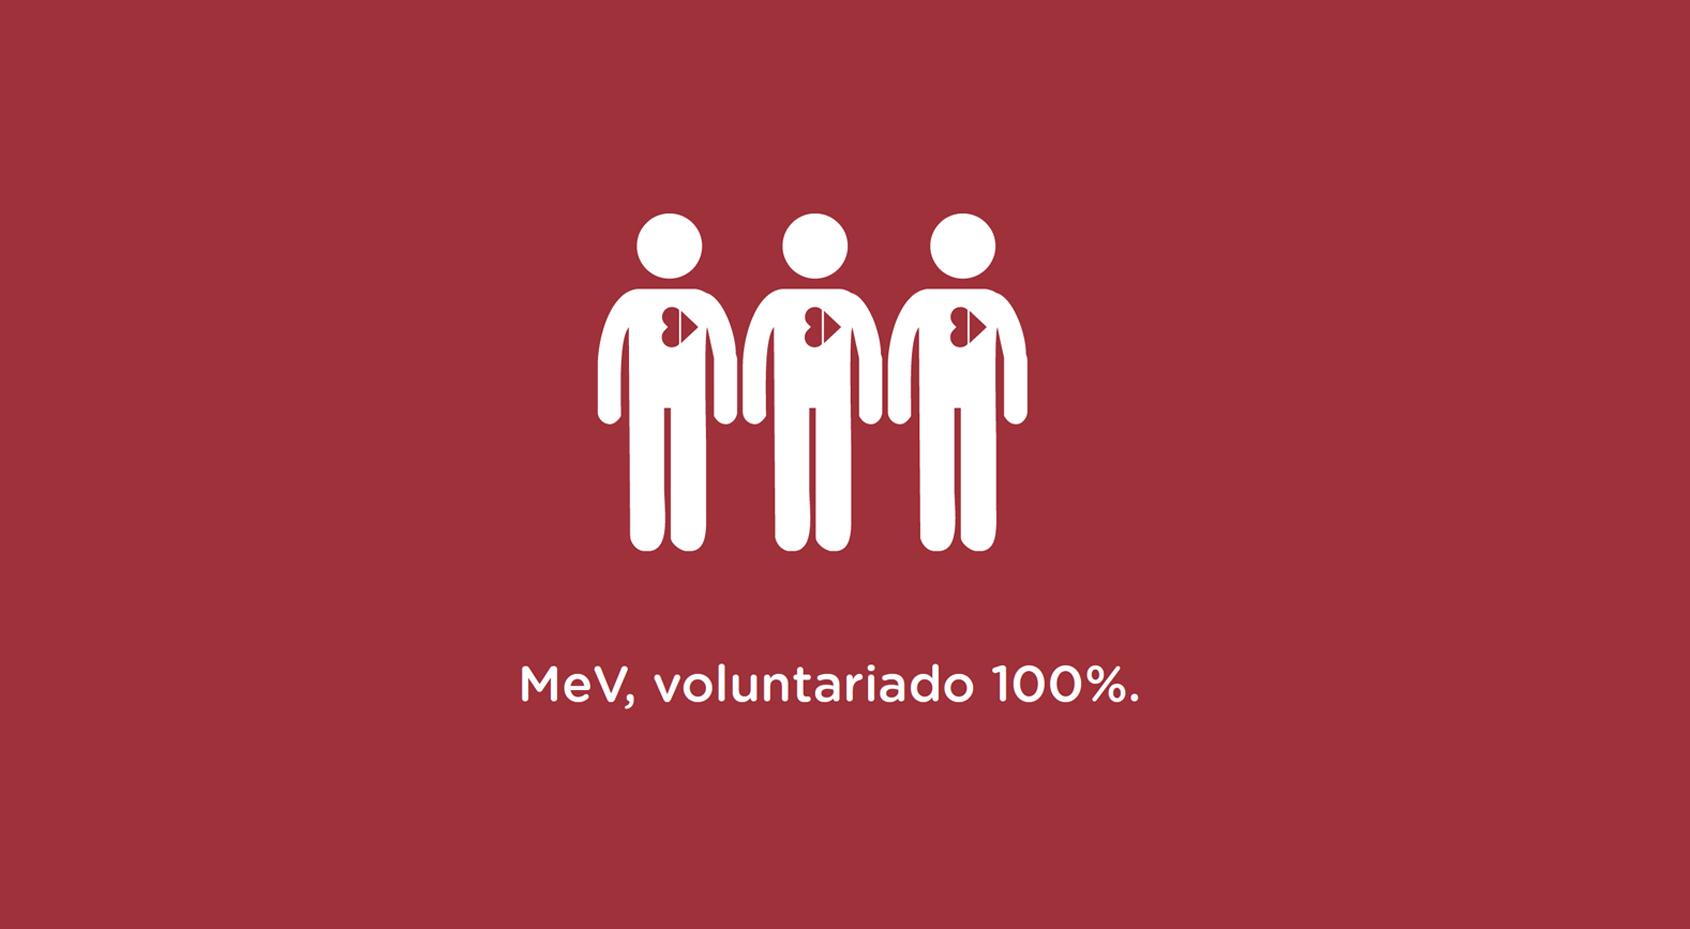 voluntariado-mev